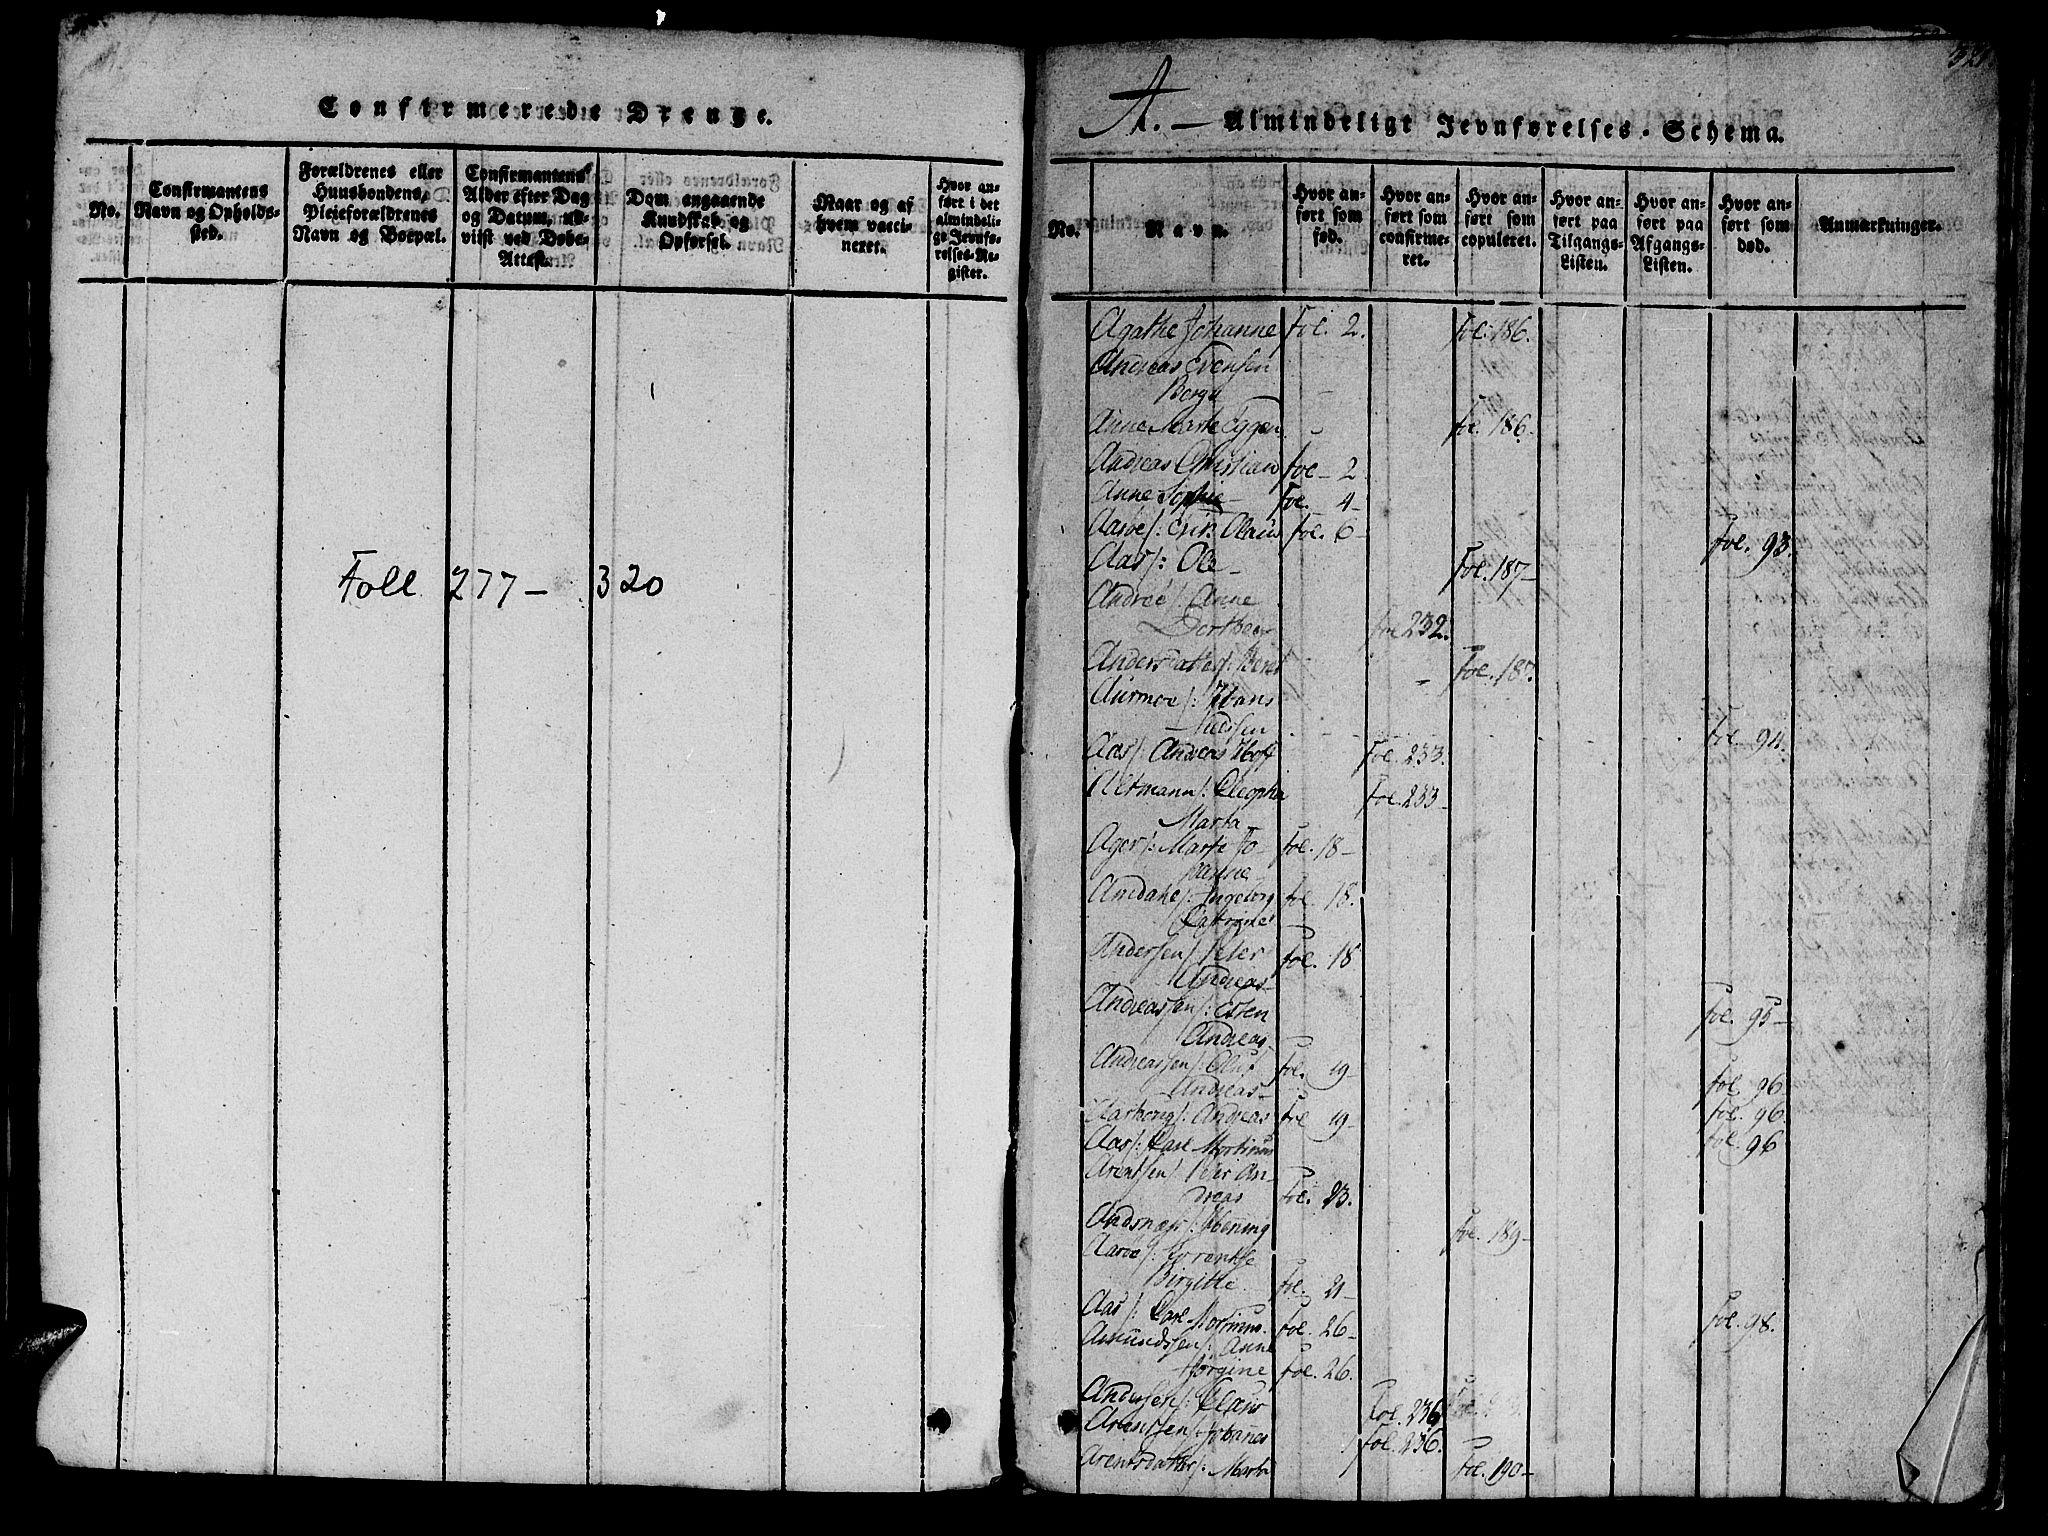 SAT, Ministerialprotokoller, klokkerbøker og fødselsregistre - Sør-Trøndelag, 602/L0135: Klokkerbok nr. 602C03, 1815-1832, s. 321